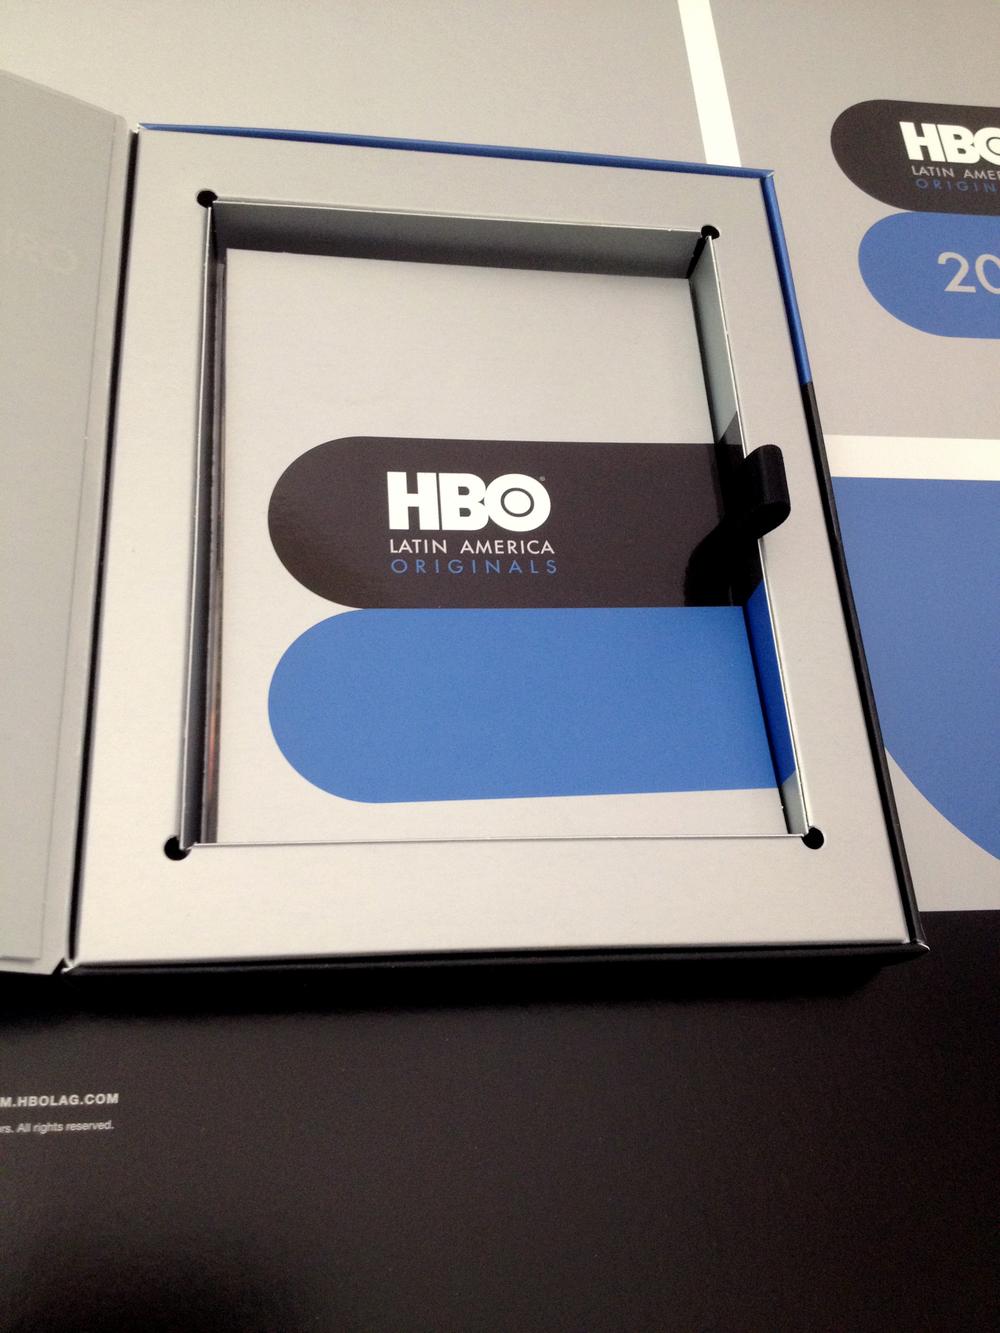 HBO Latin America Originals 2014